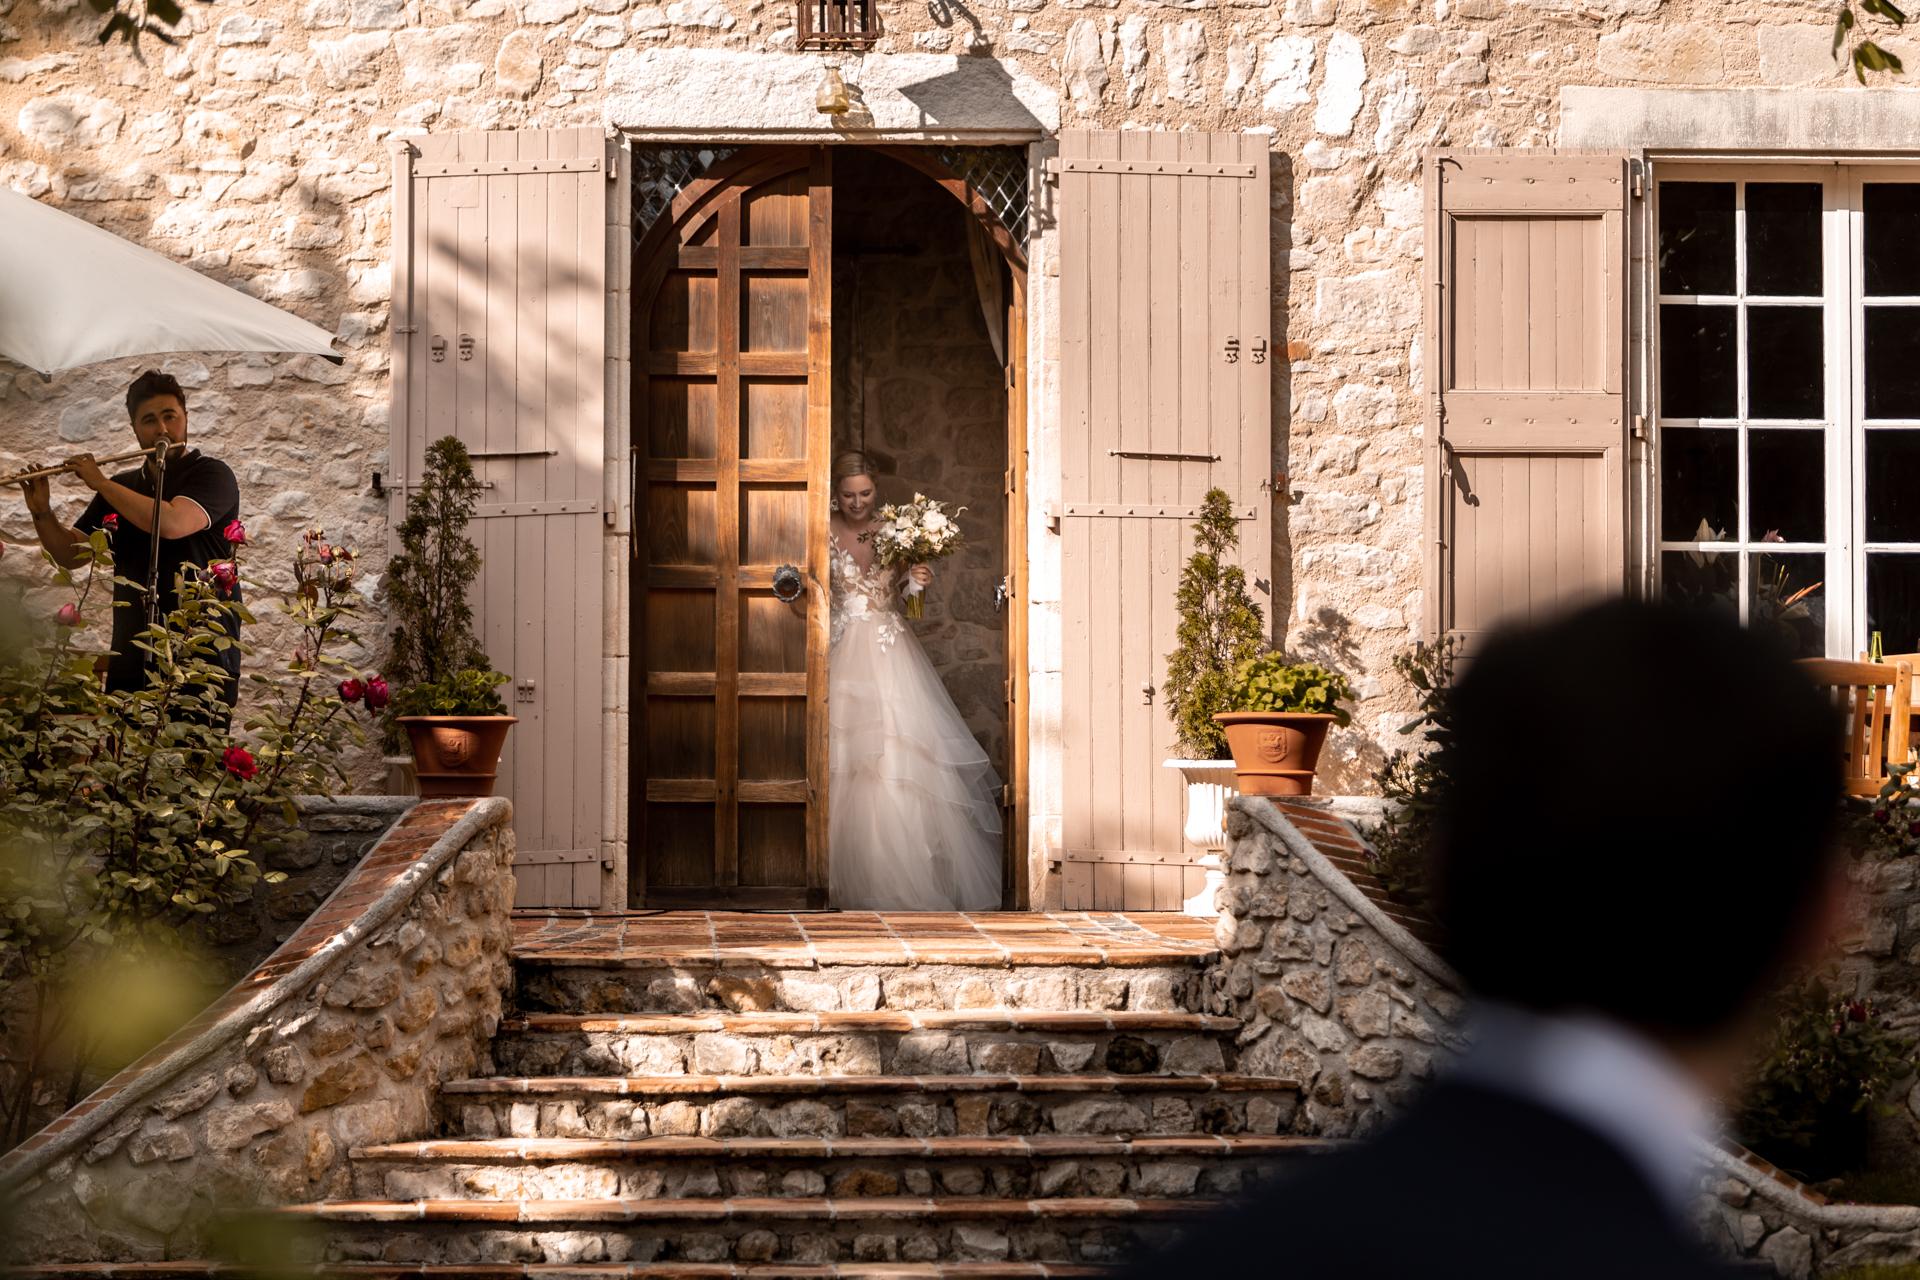 Chateau Brametourte, Lautrec, Tarn, Lieu de mariage Image | La mariée est arrivée pour la cérémonie pendant qu'un musicien jouait de la flûte